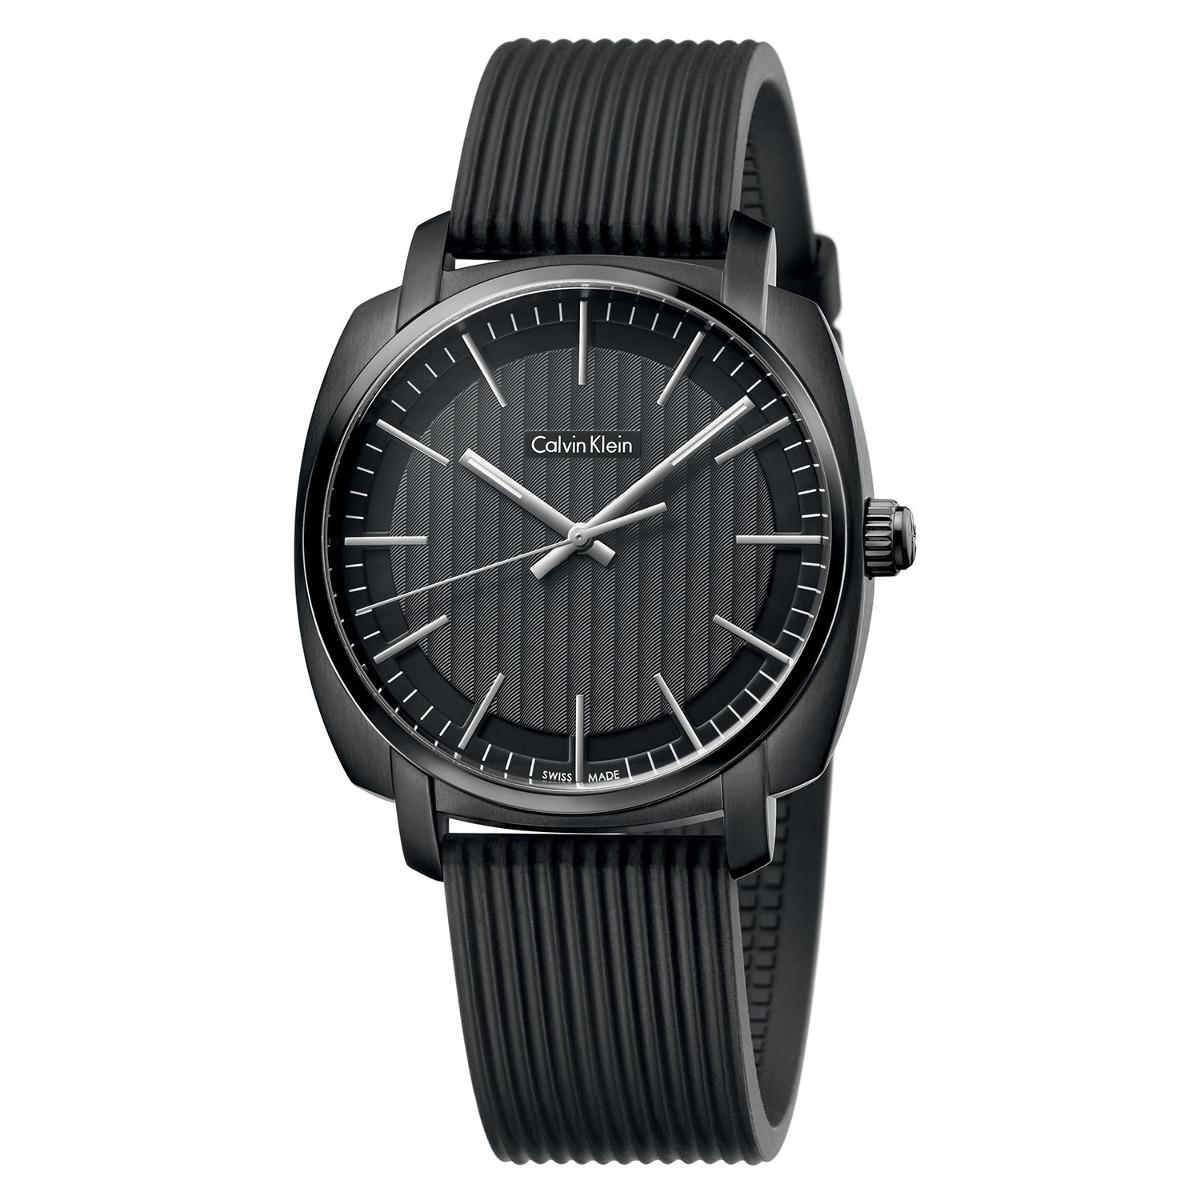 Hombre Reloj Calvin 550 Libre Opzukix Klein K5m314d1383 Mercado En Para Lc43jq5RA